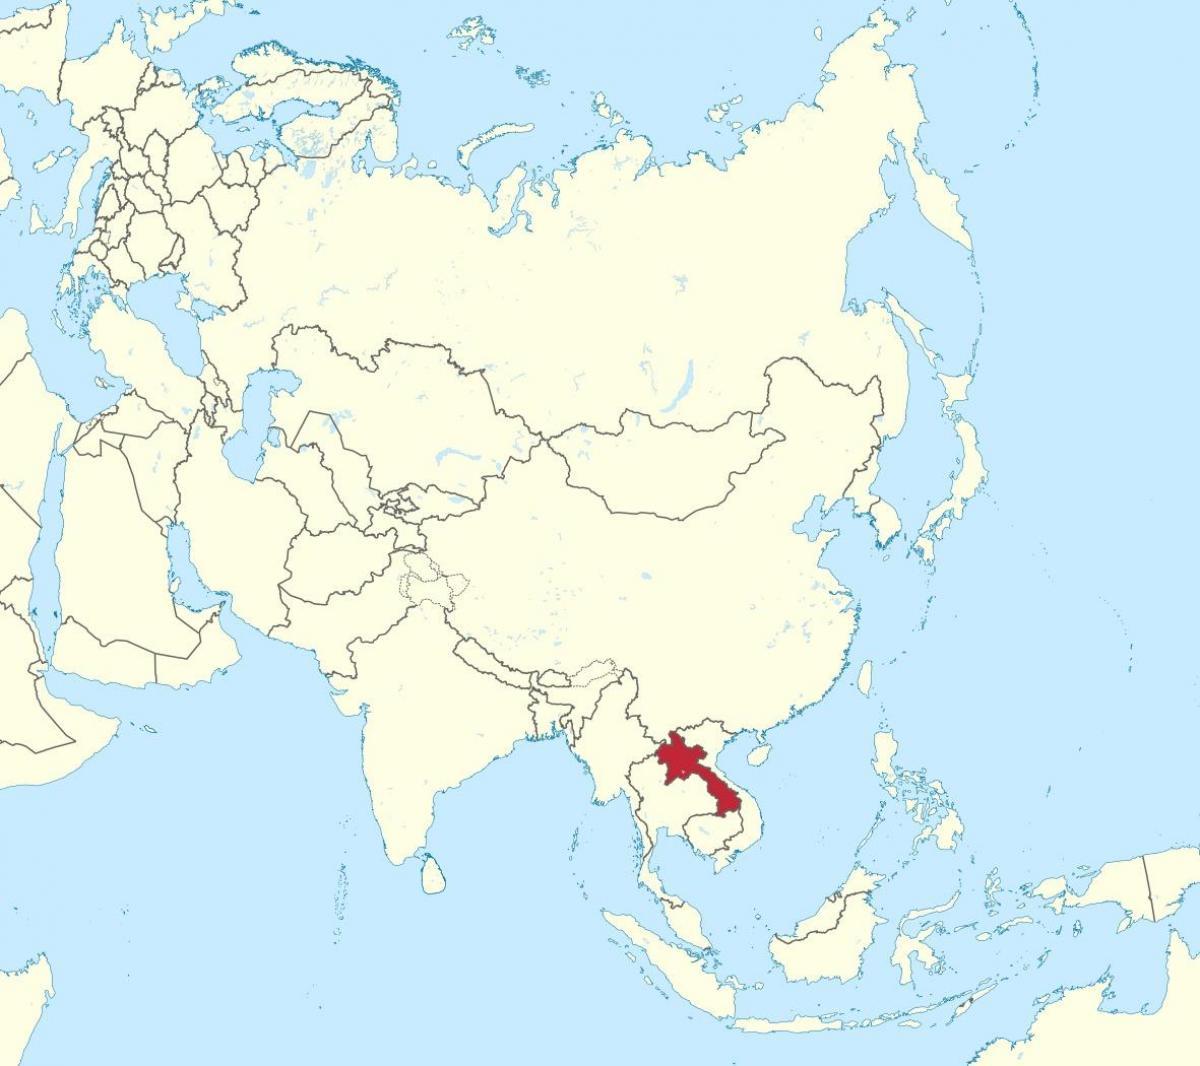 Landkarte Asien.Laos Landkarte Asien Map Of Laos Asien Sud Ost Asien Asien